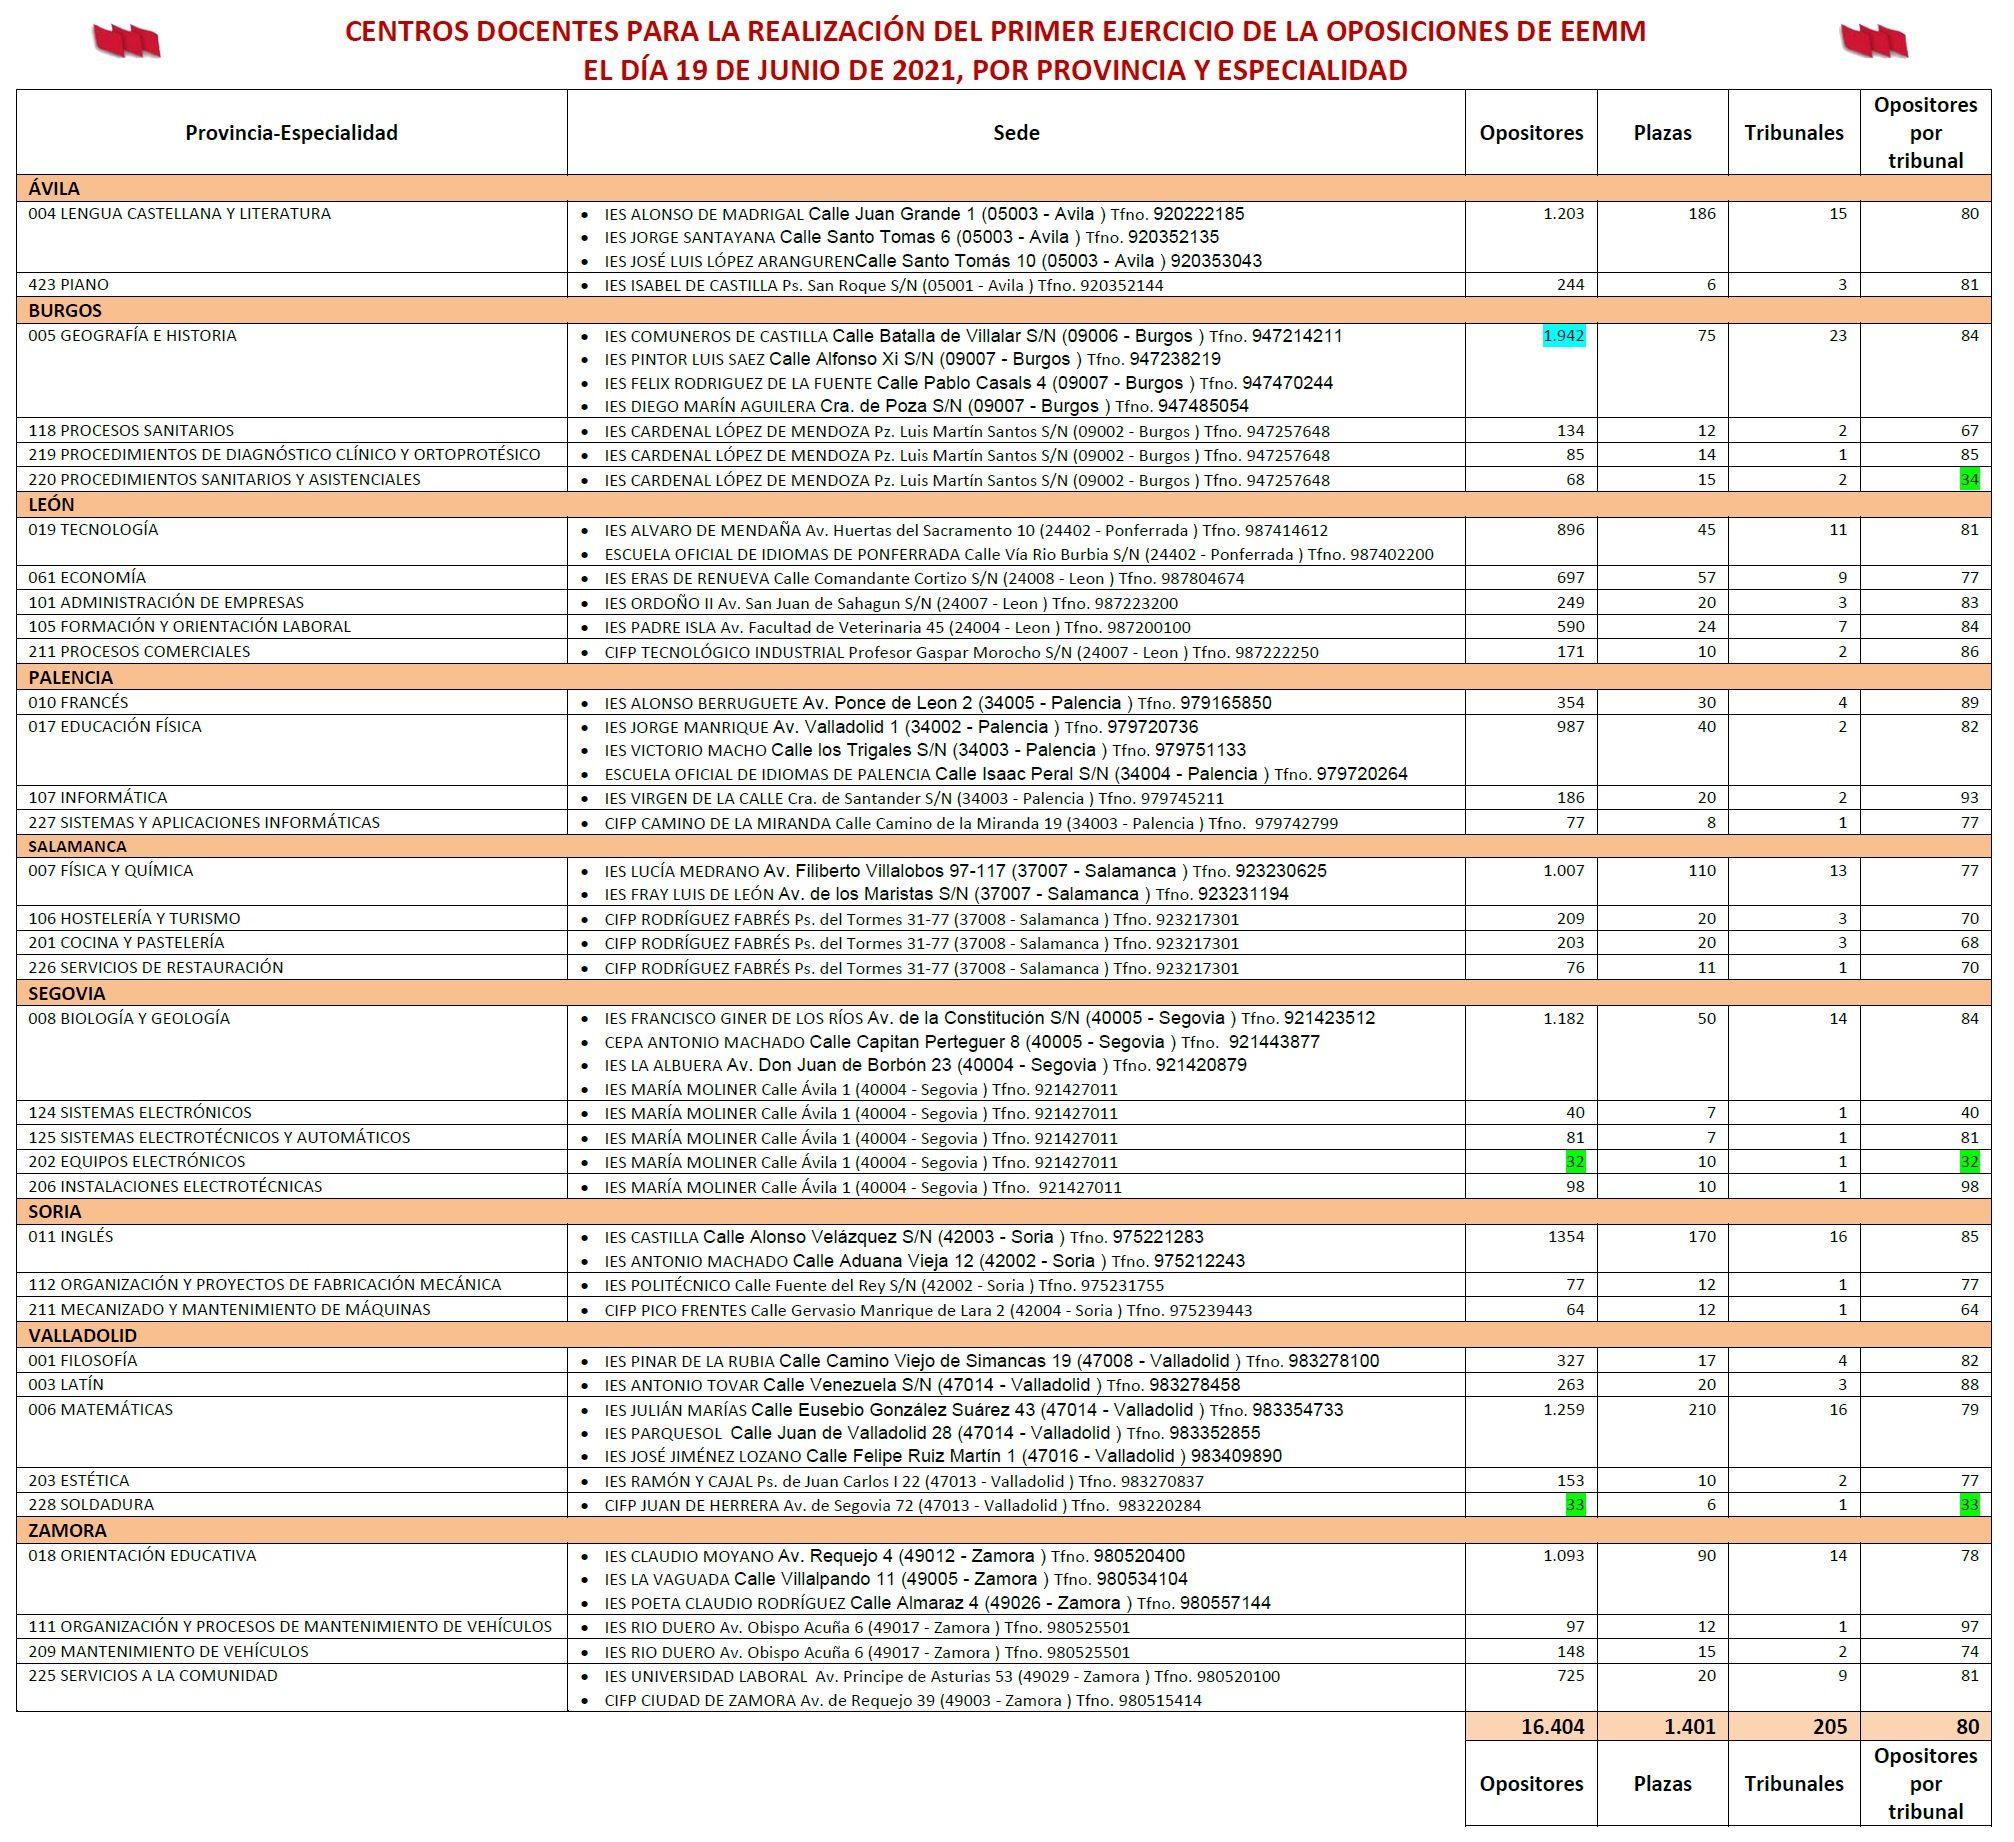 Sedes-Pruebas-Opos-EEMM-2021-Ratios-Tribunales